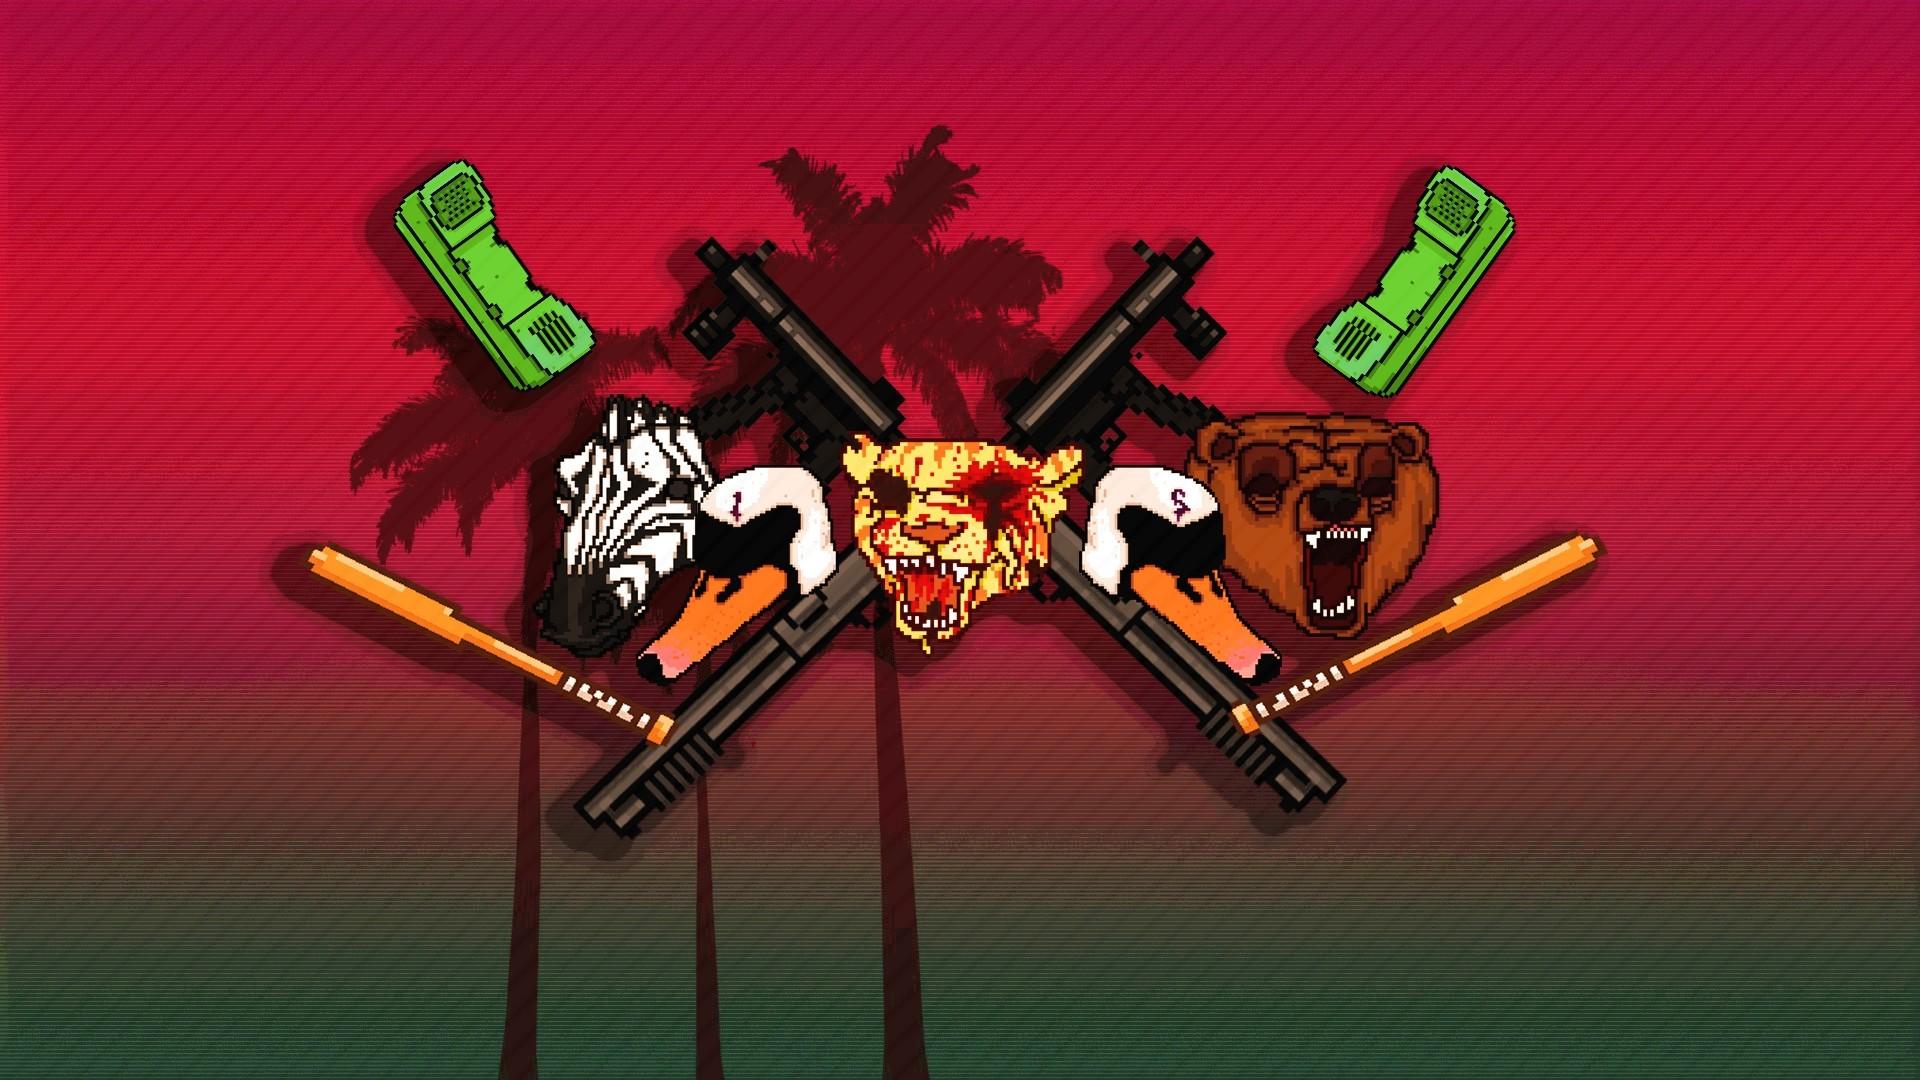 Hotline Miami Picture